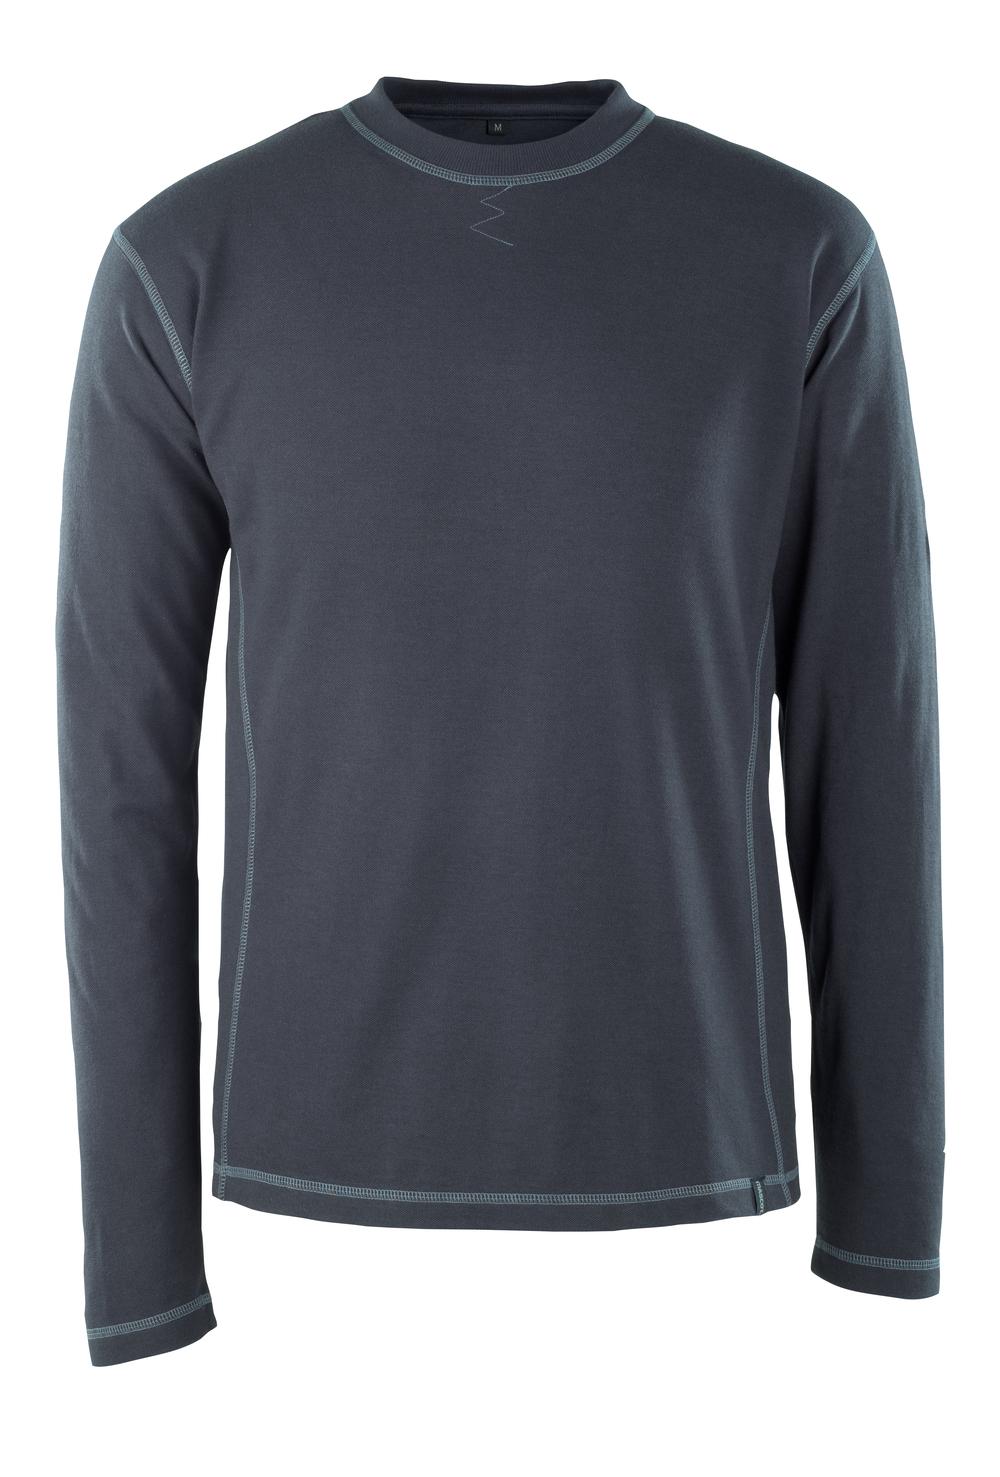 50119-927-010 T-shirt, met lange mouwen - donkermarine